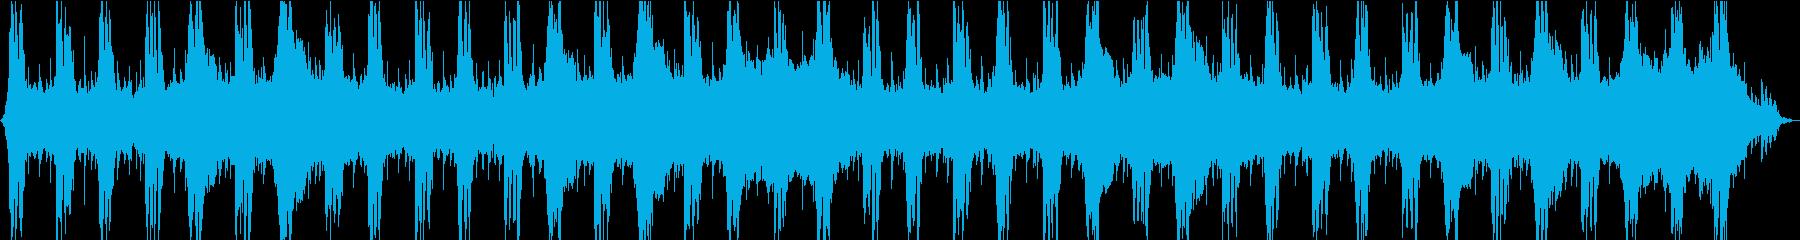 重たい打楽器のアクション系オーケストラの再生済みの波形